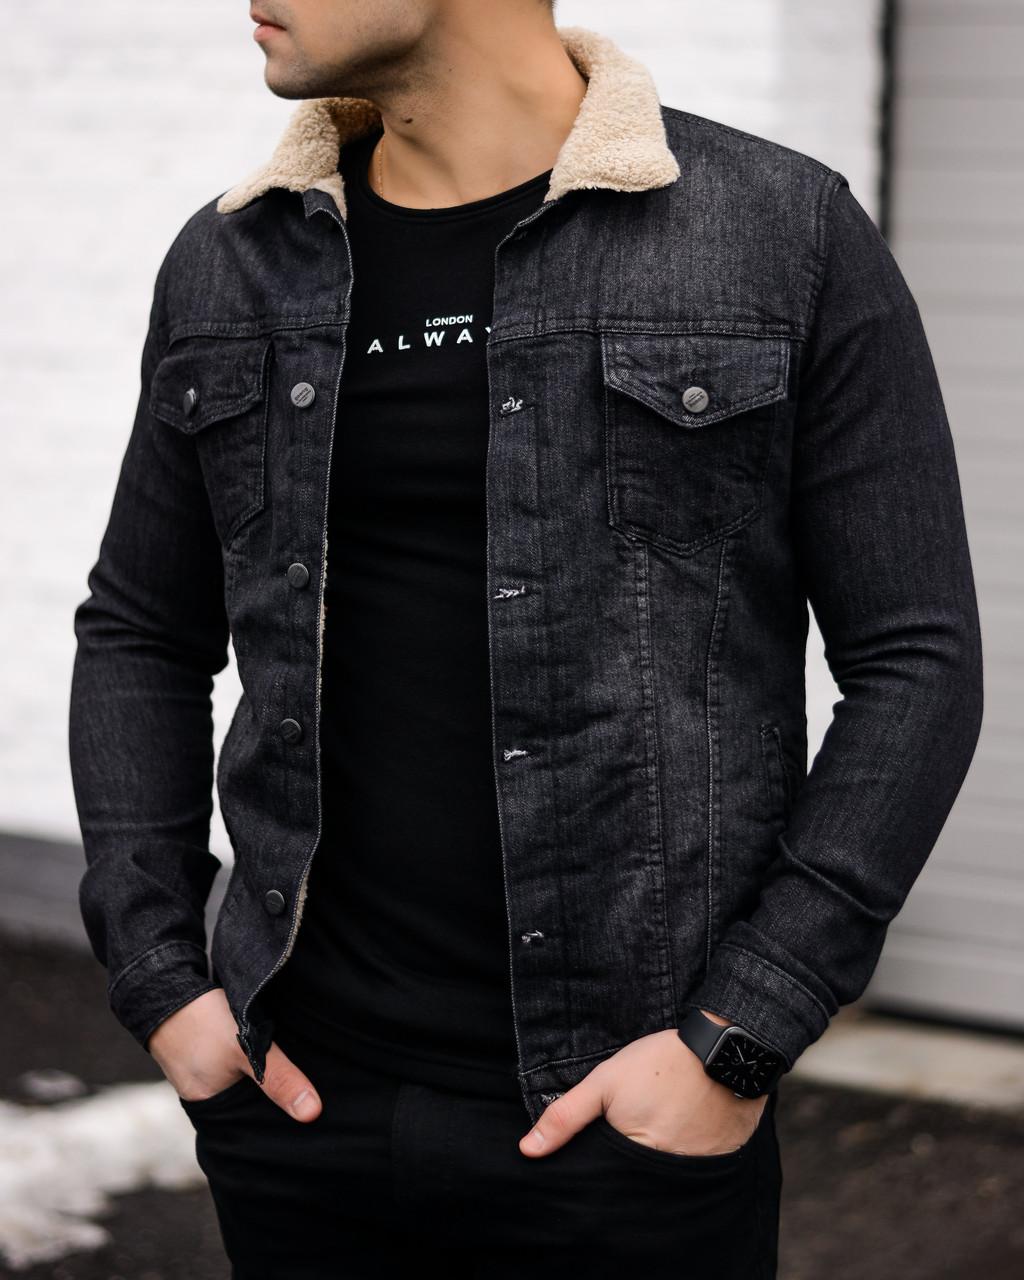 Весенняя мужская куртка/джинсовка Стетхем (S последний размер)